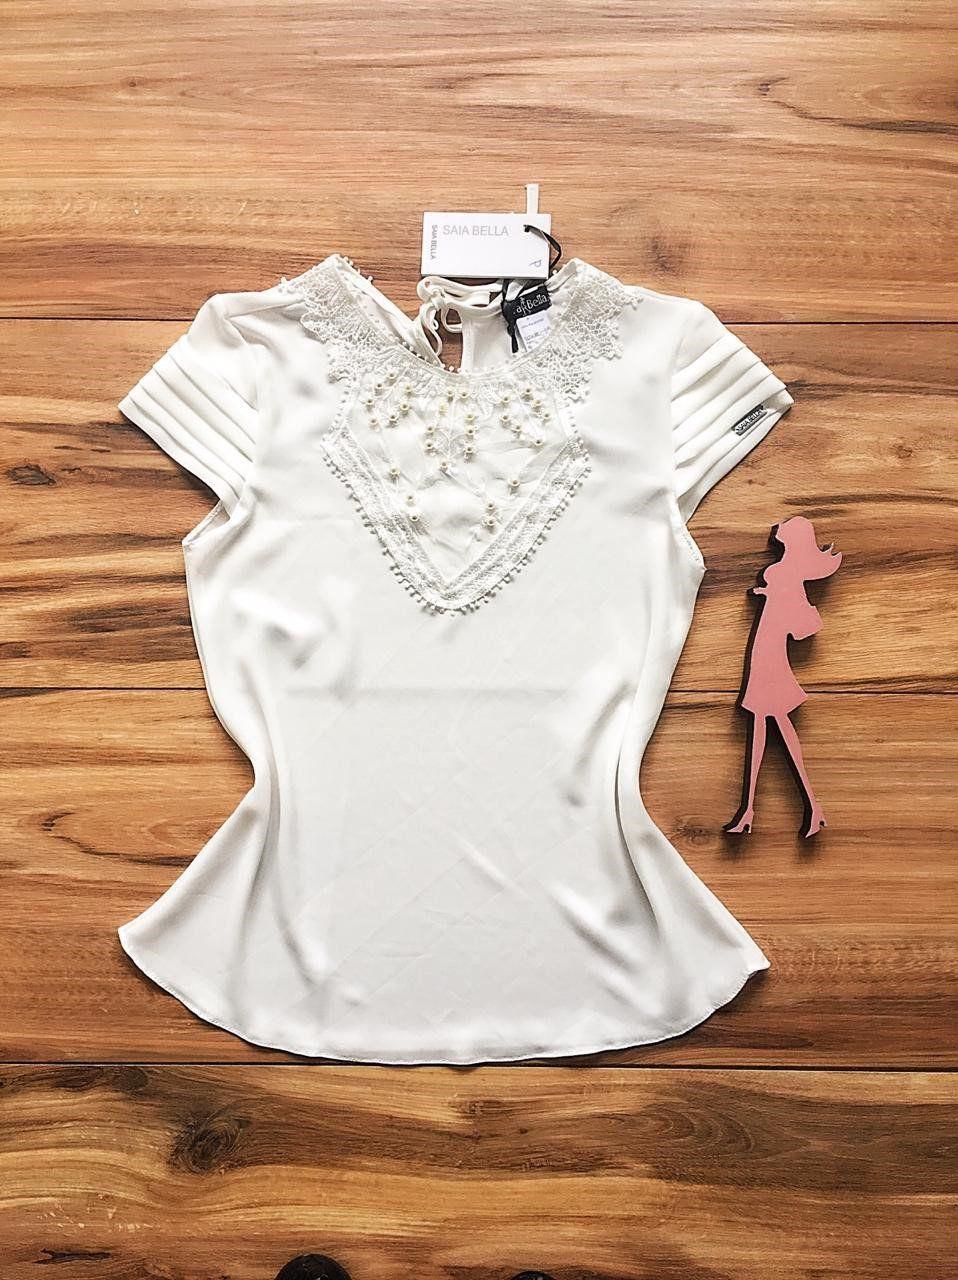 Blusa de Renda Saia Bella - SB9966 branco